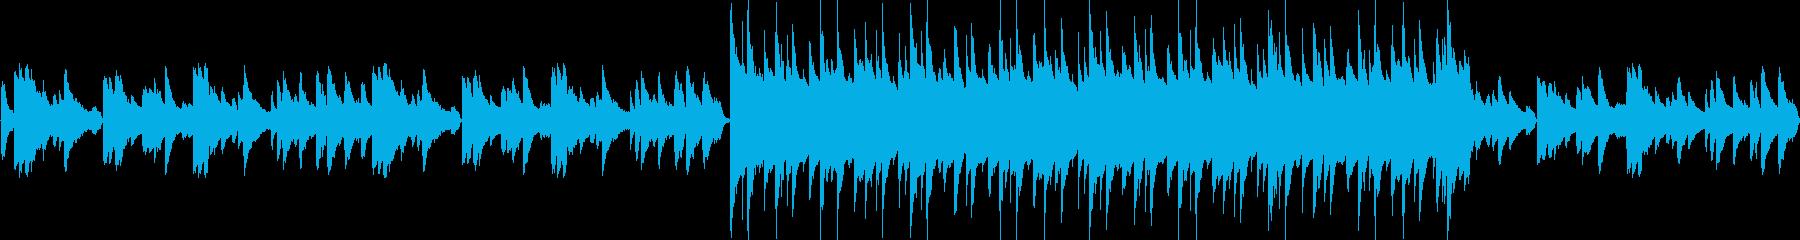 ピアノ・ドラム・ベース編成の儚いBGMの再生済みの波形